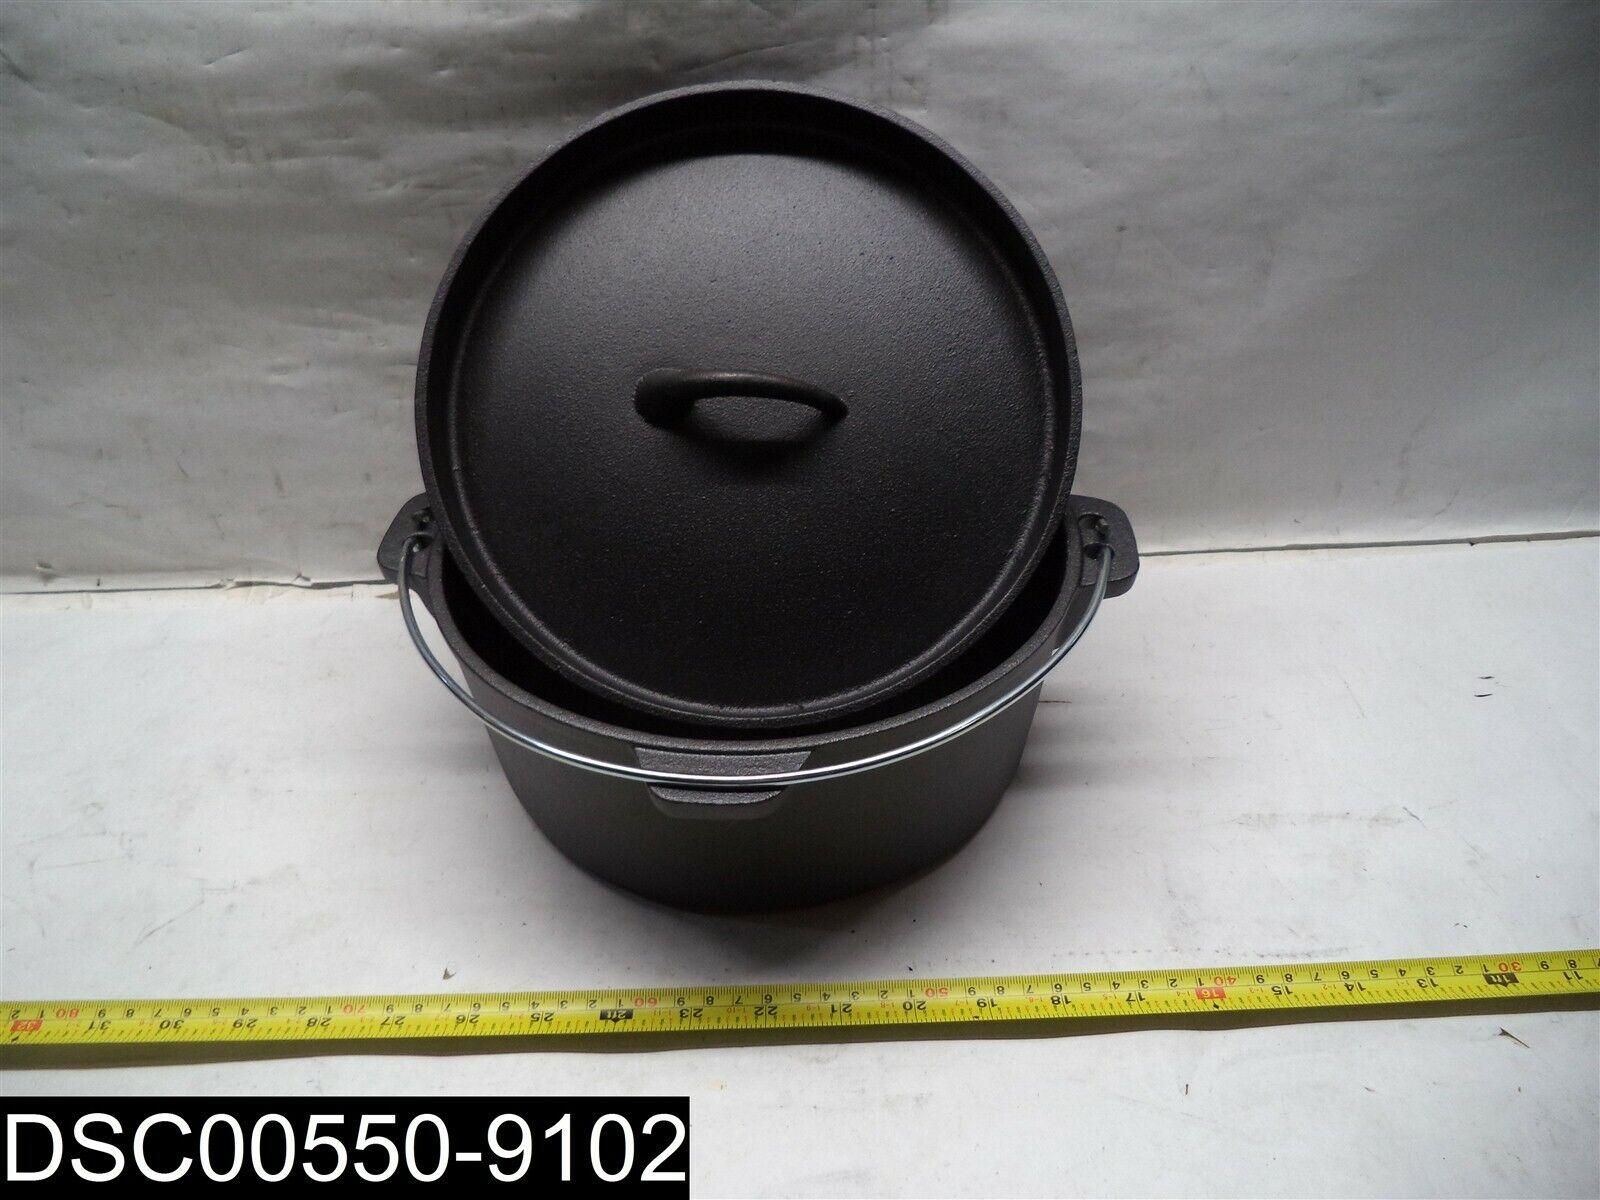 Qualité = 2  guzs 130 d'un Guro Cookware pré-assaisonné Cast Iron dutch oven 4.7 QT